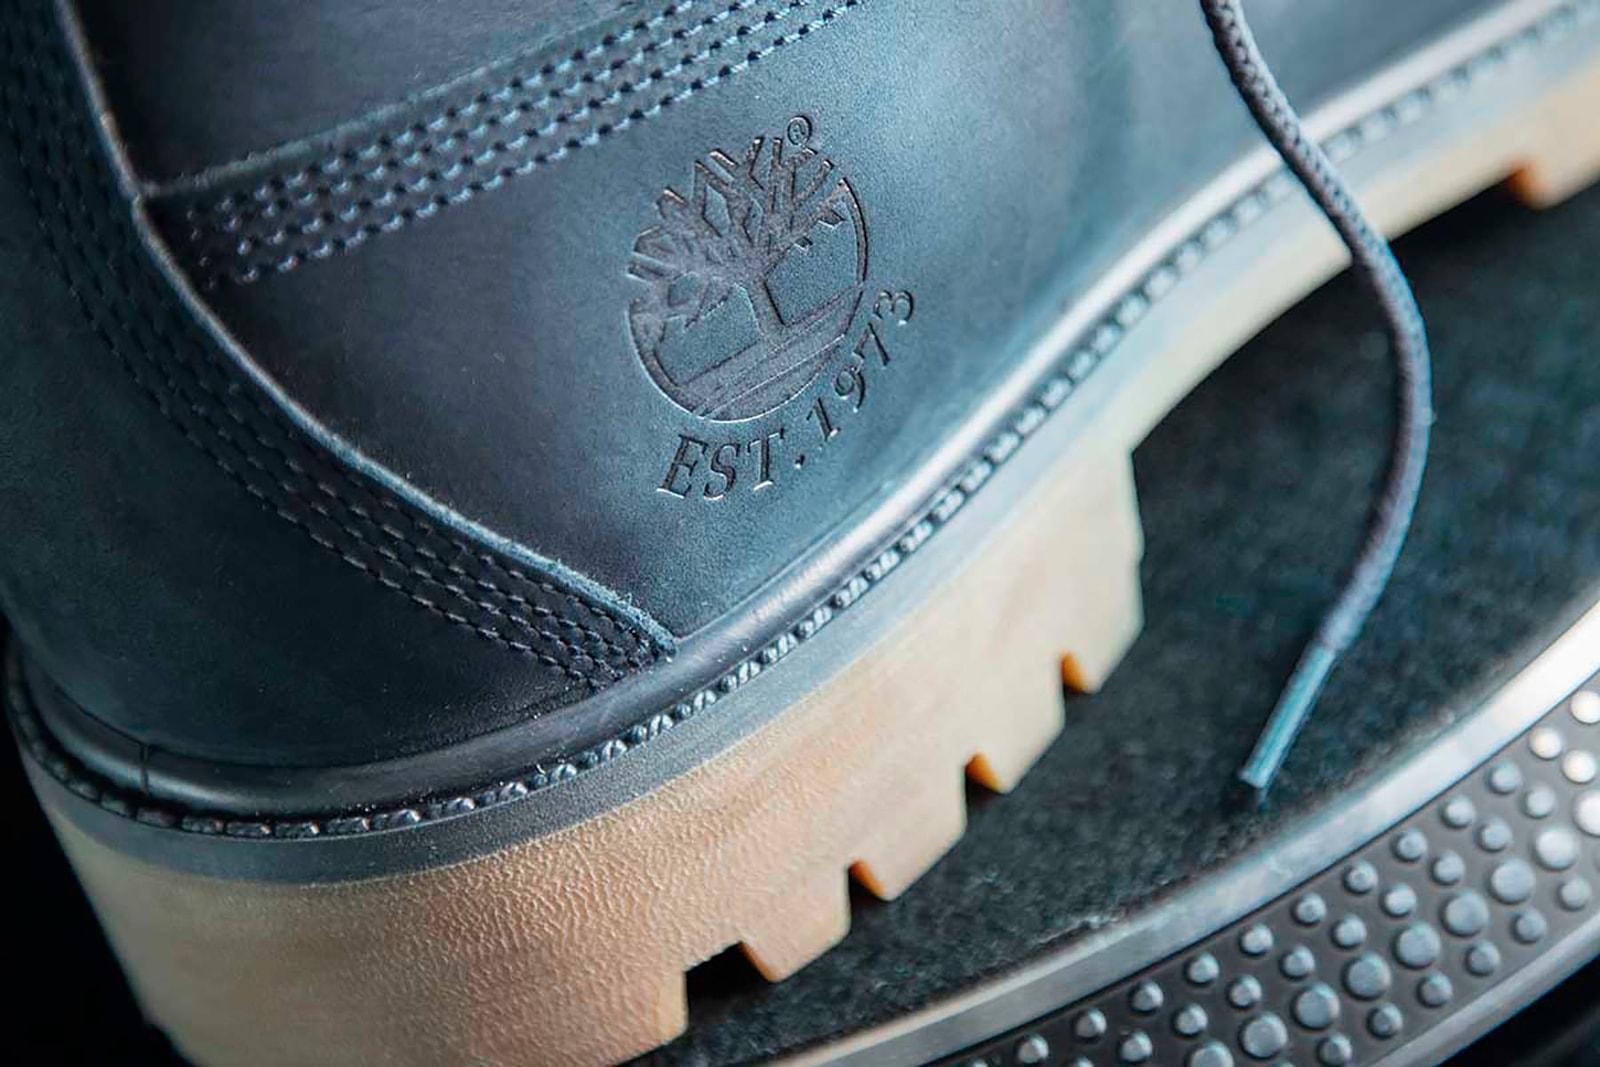 Timberland 經典黃靴誕生 45 年,帶來兩款週年紀念別注版